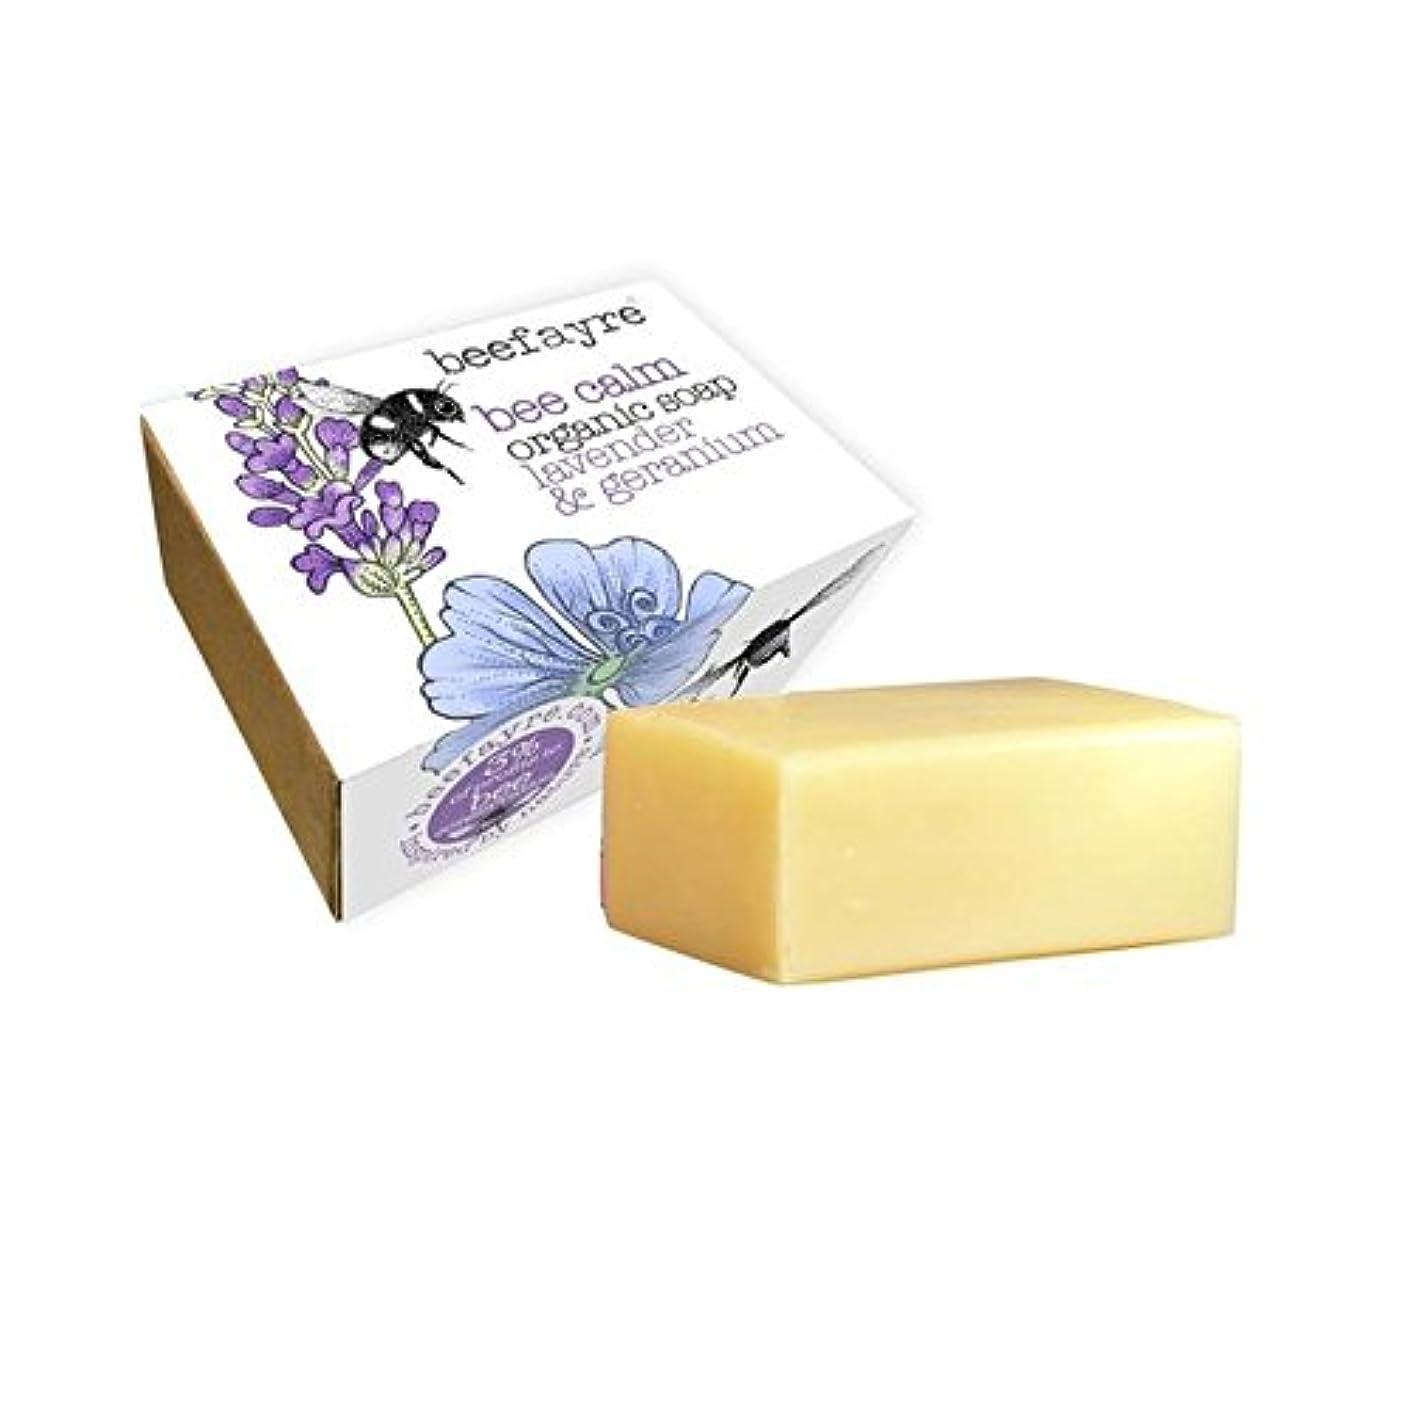 ウイルス開拓者美徳有機ゼラニウム&ラベンダー石鹸 x2 - Beefayre Organic Geranium & Lavender Soap (Pack of 2) [並行輸入品]